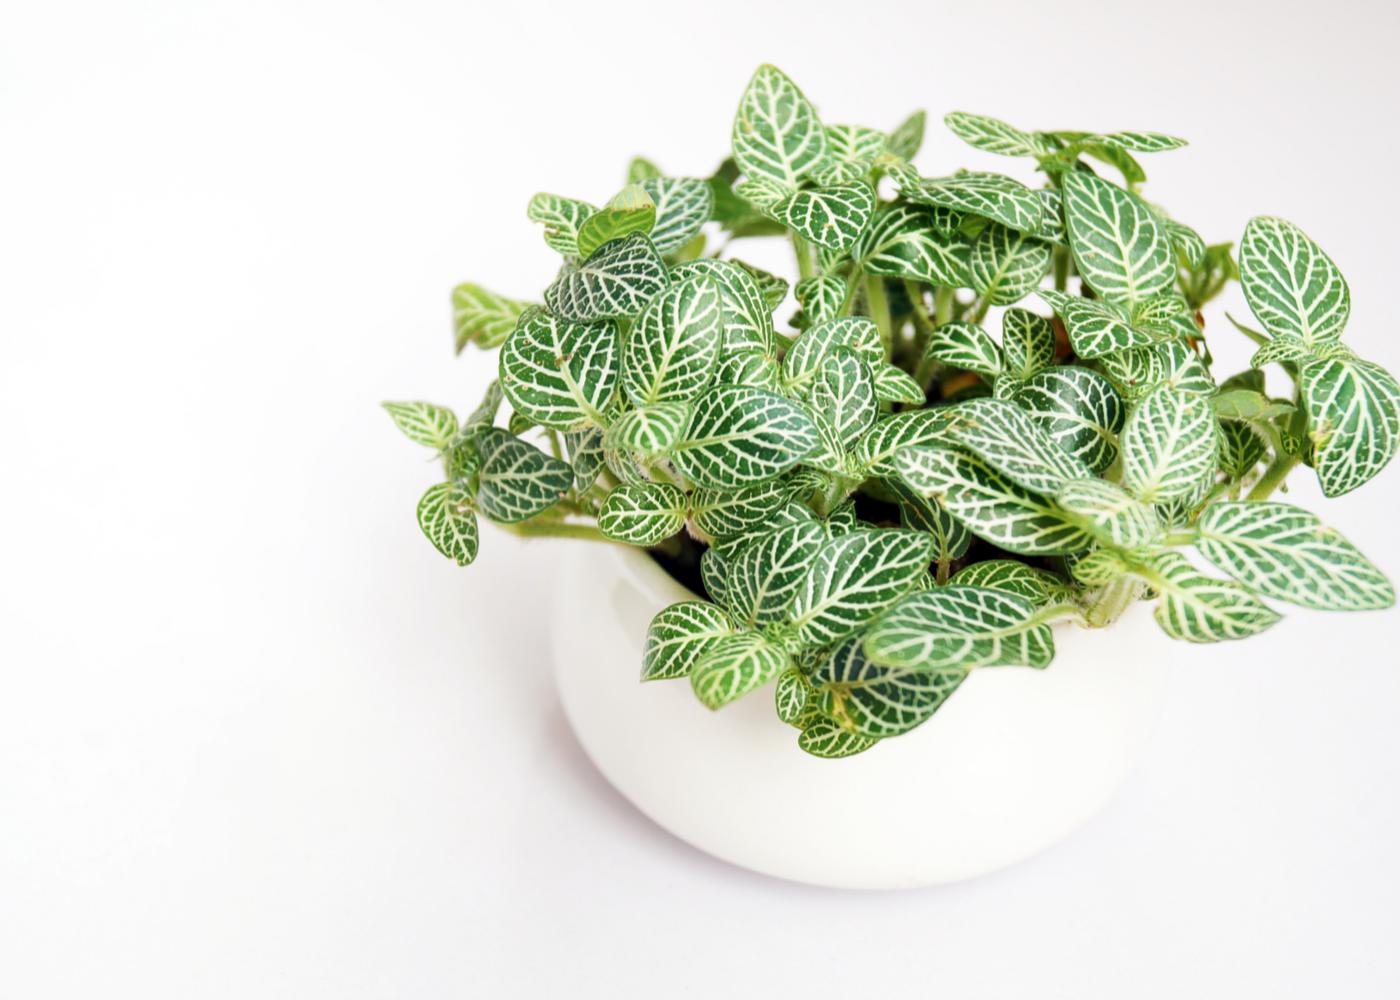 nerve-plant-indoors